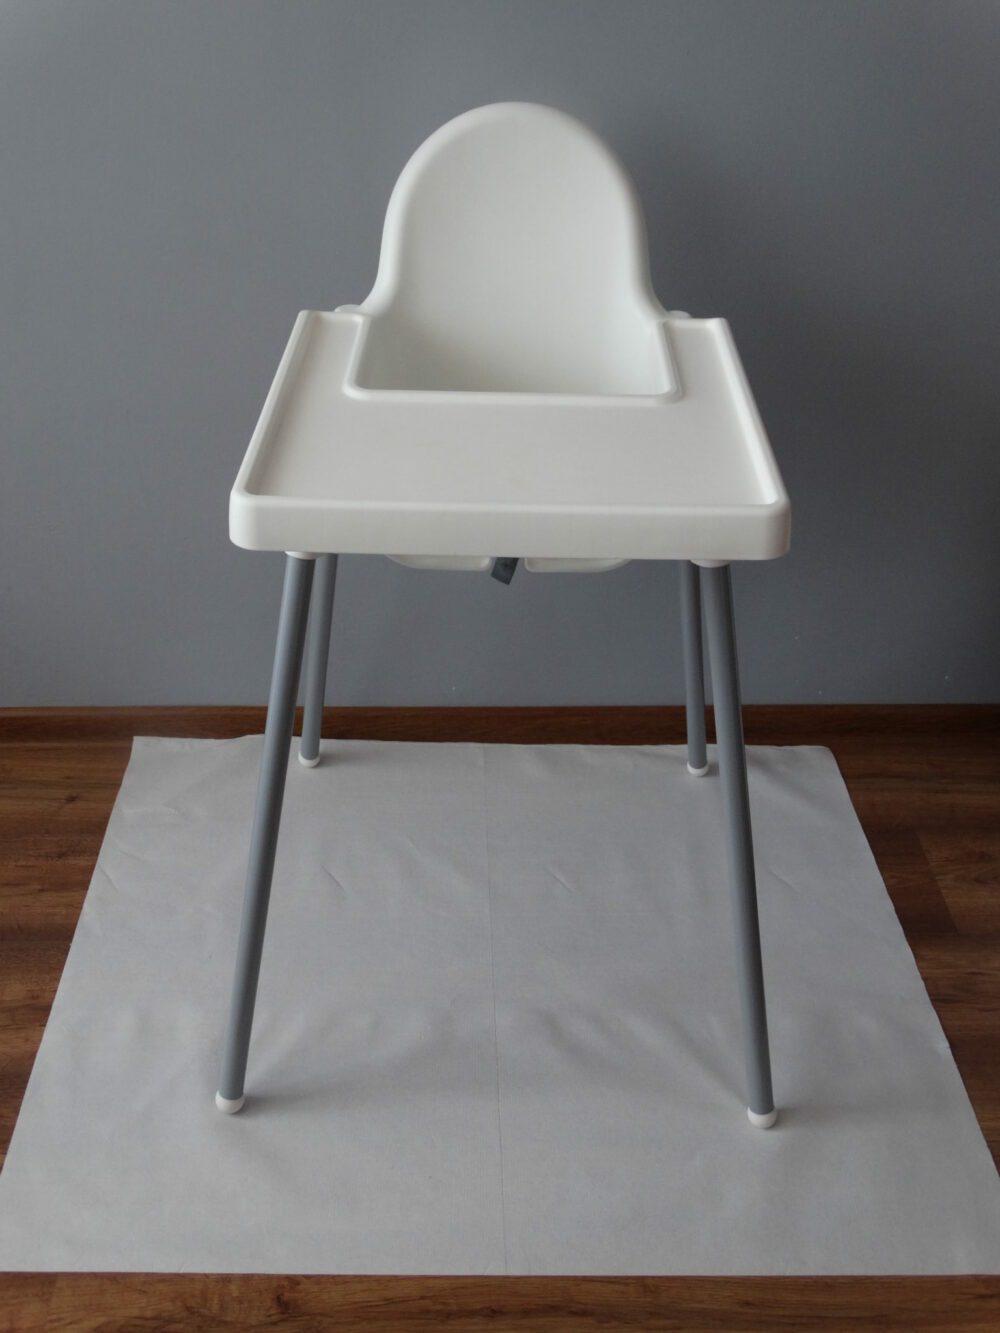 Podkład pod fotelik do karmienia dzieci i niemowląt. Kamienie blw.